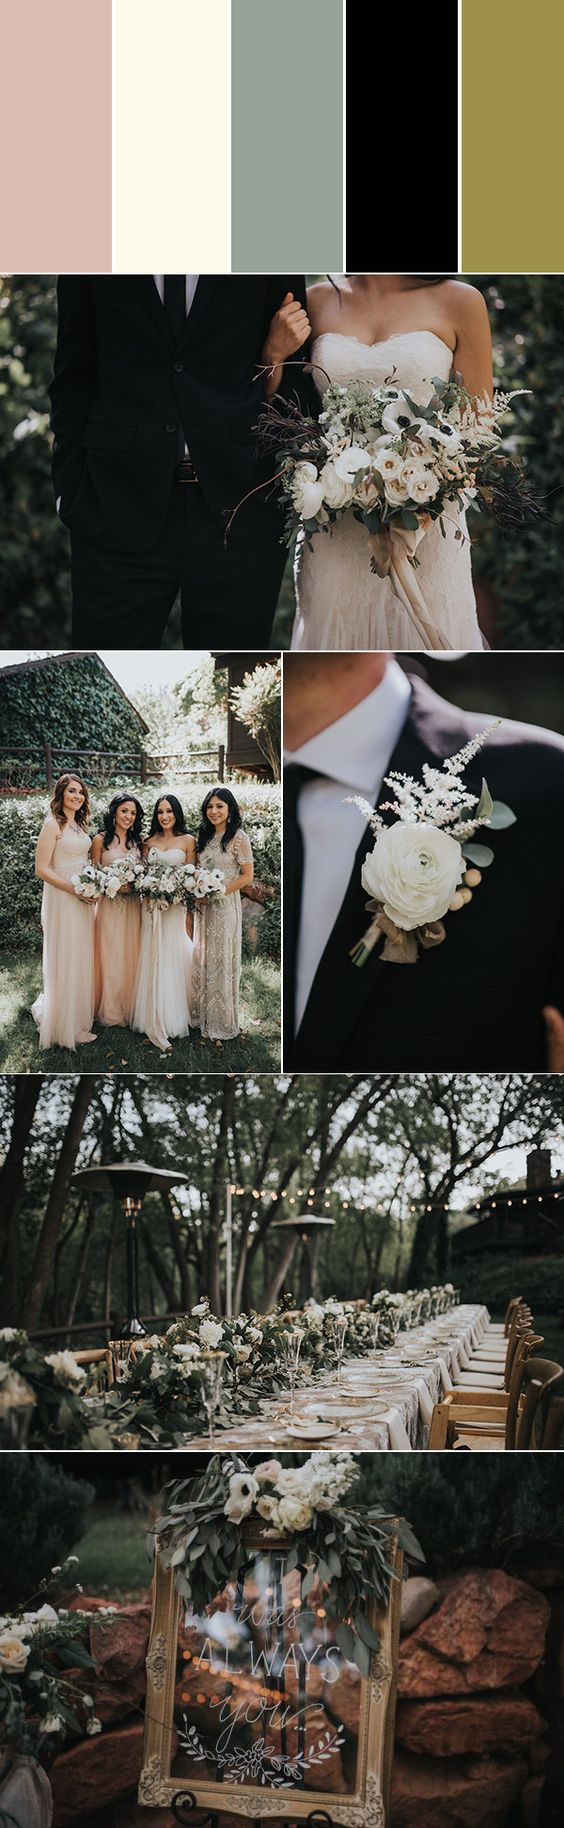 Ślubne inspiracje, kolory